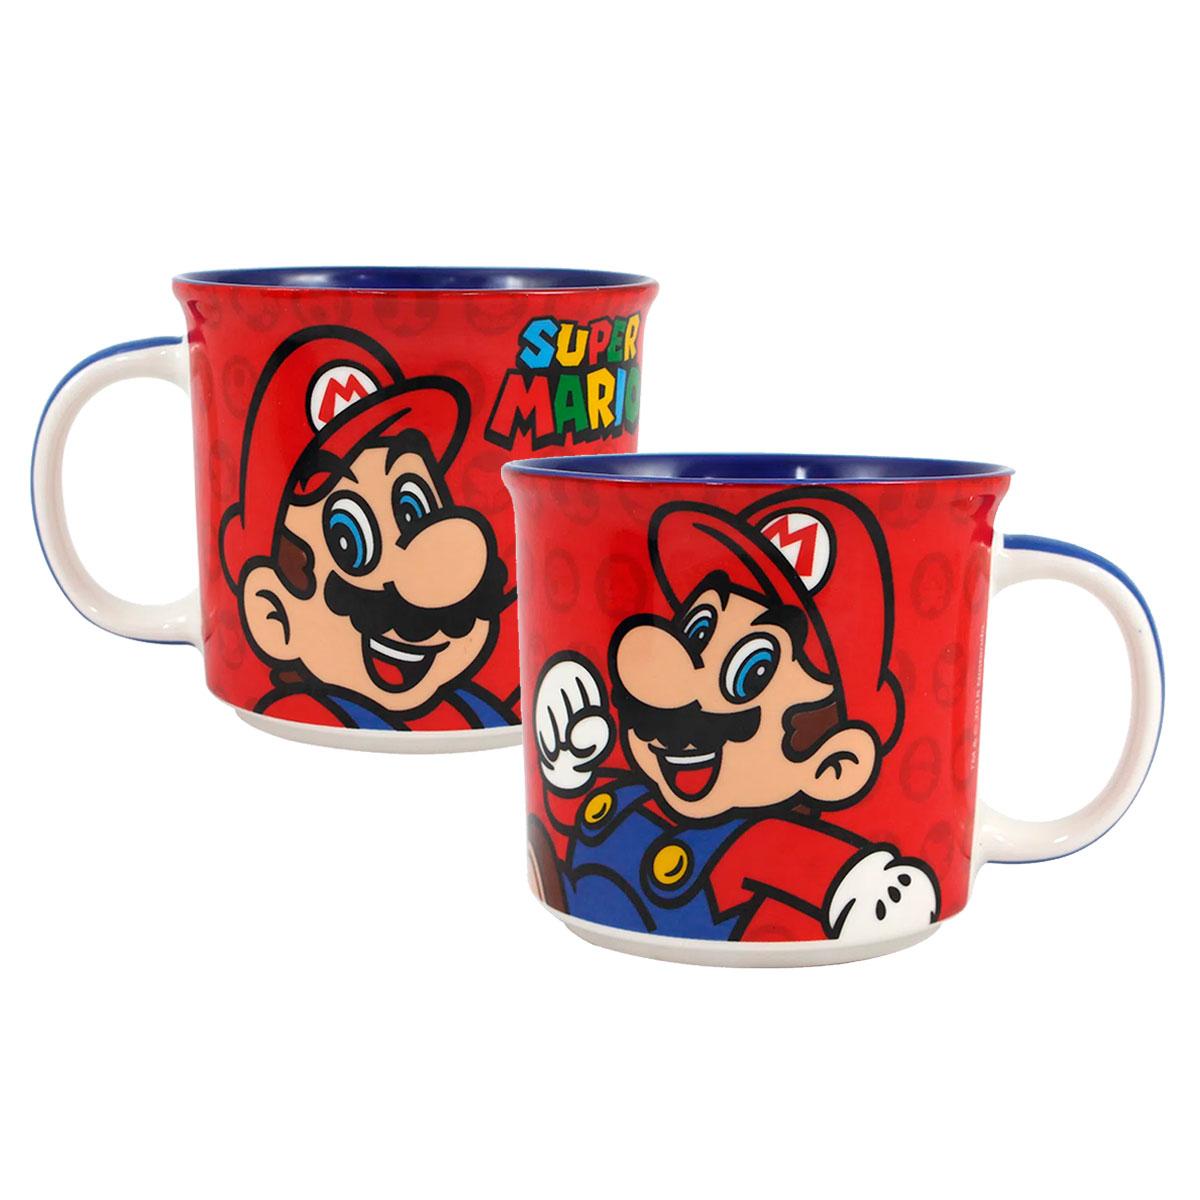 Caneca de Cerâmica Super Mario 350 ml - Presente Super